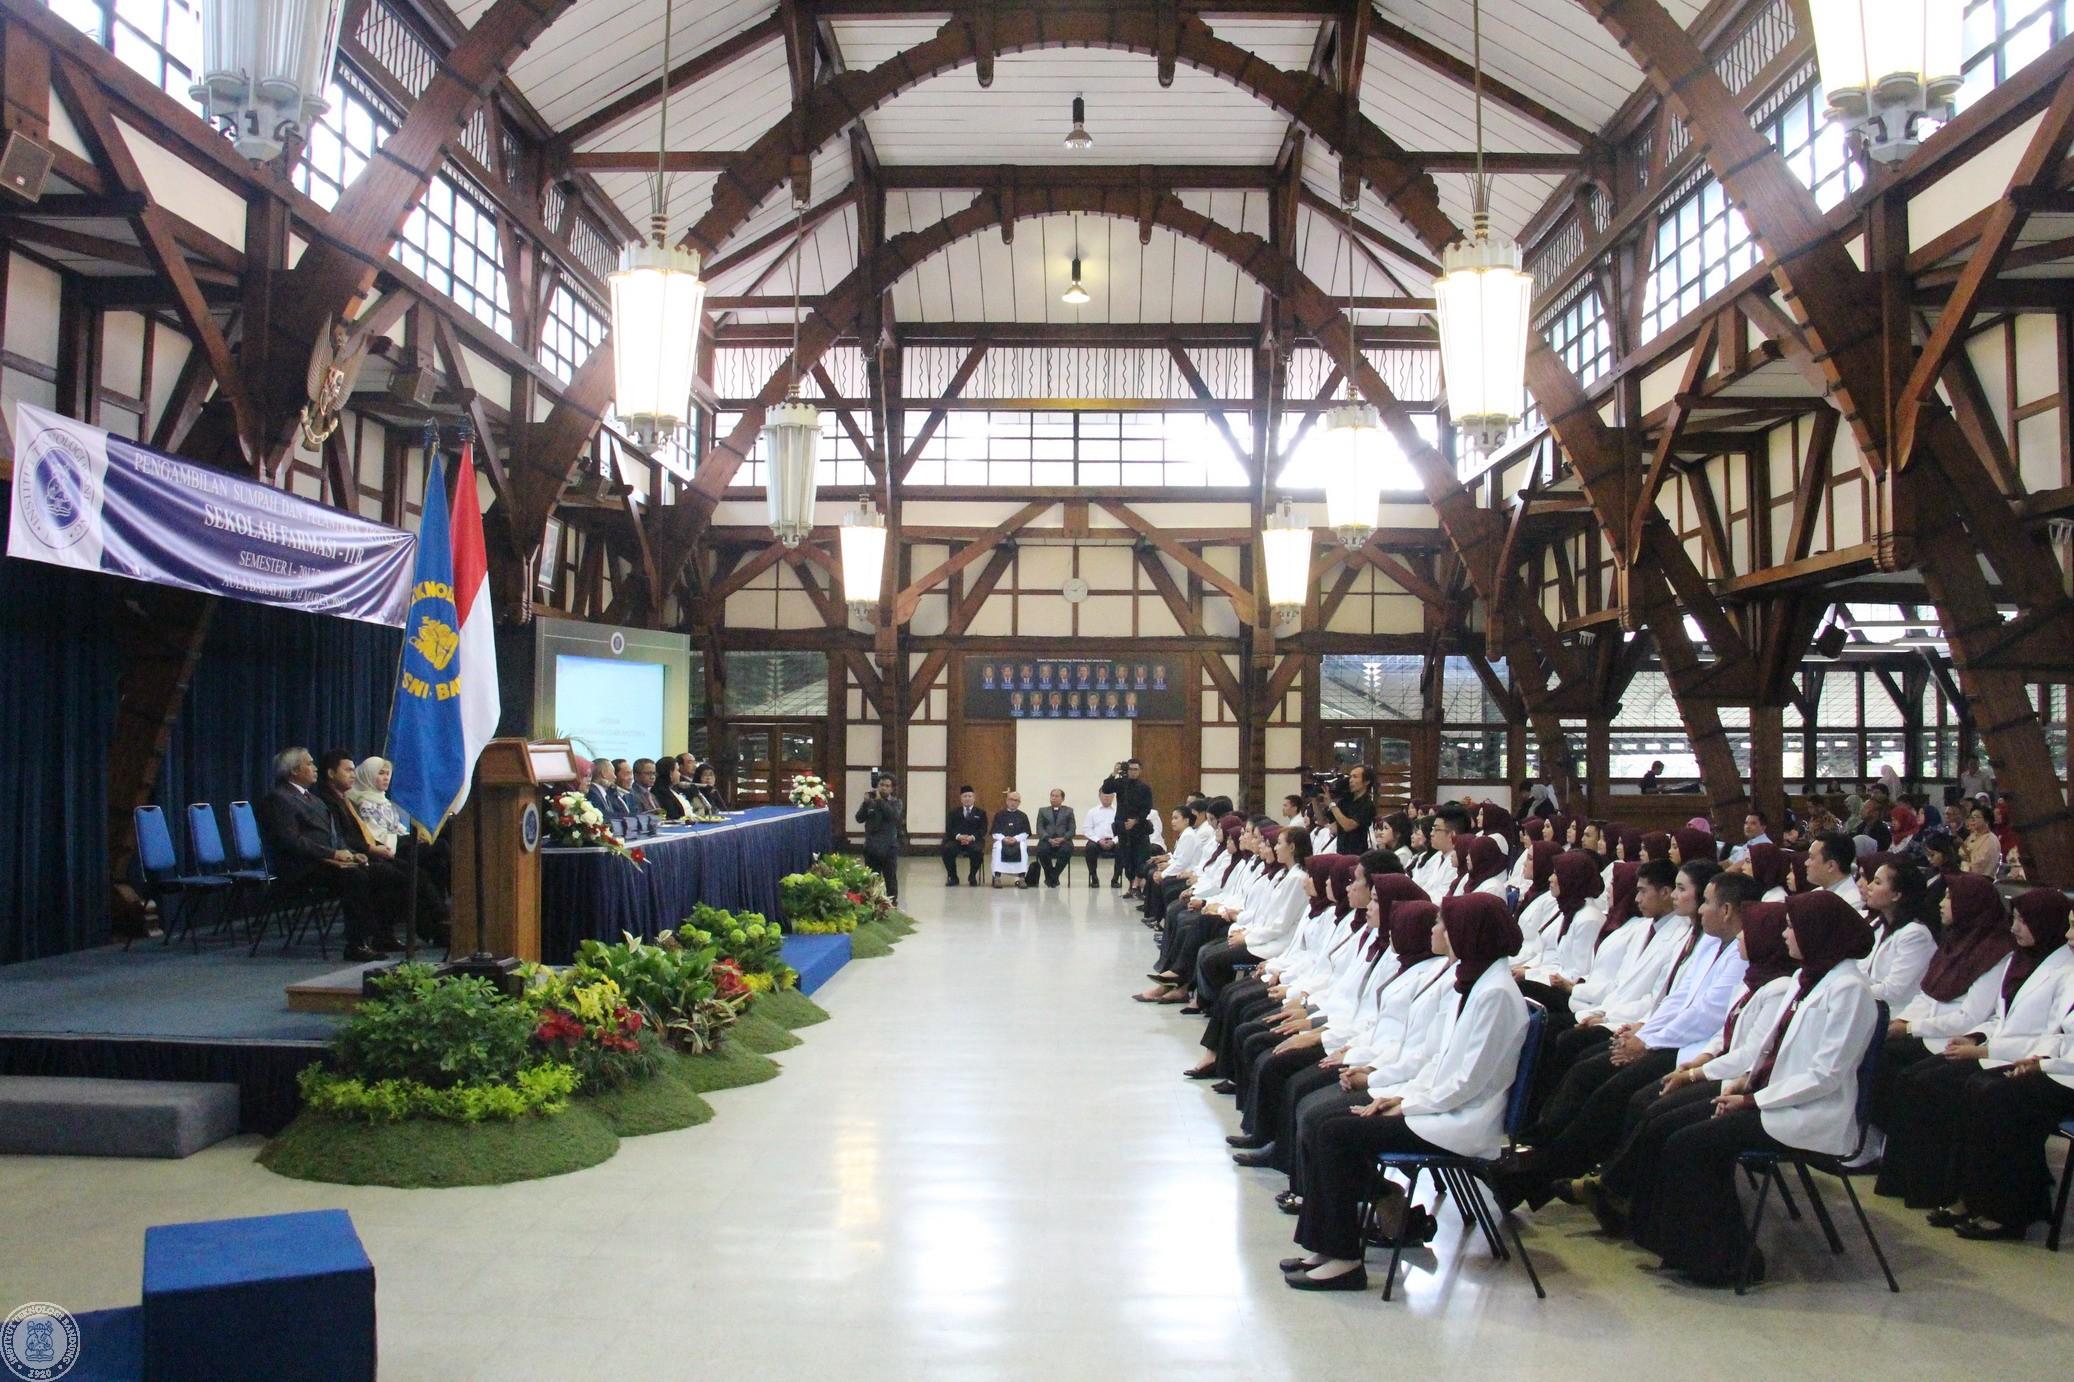 ITB Lahirkan 80 Apoteker Baru Bagi Dunia Farmasi Indonesia